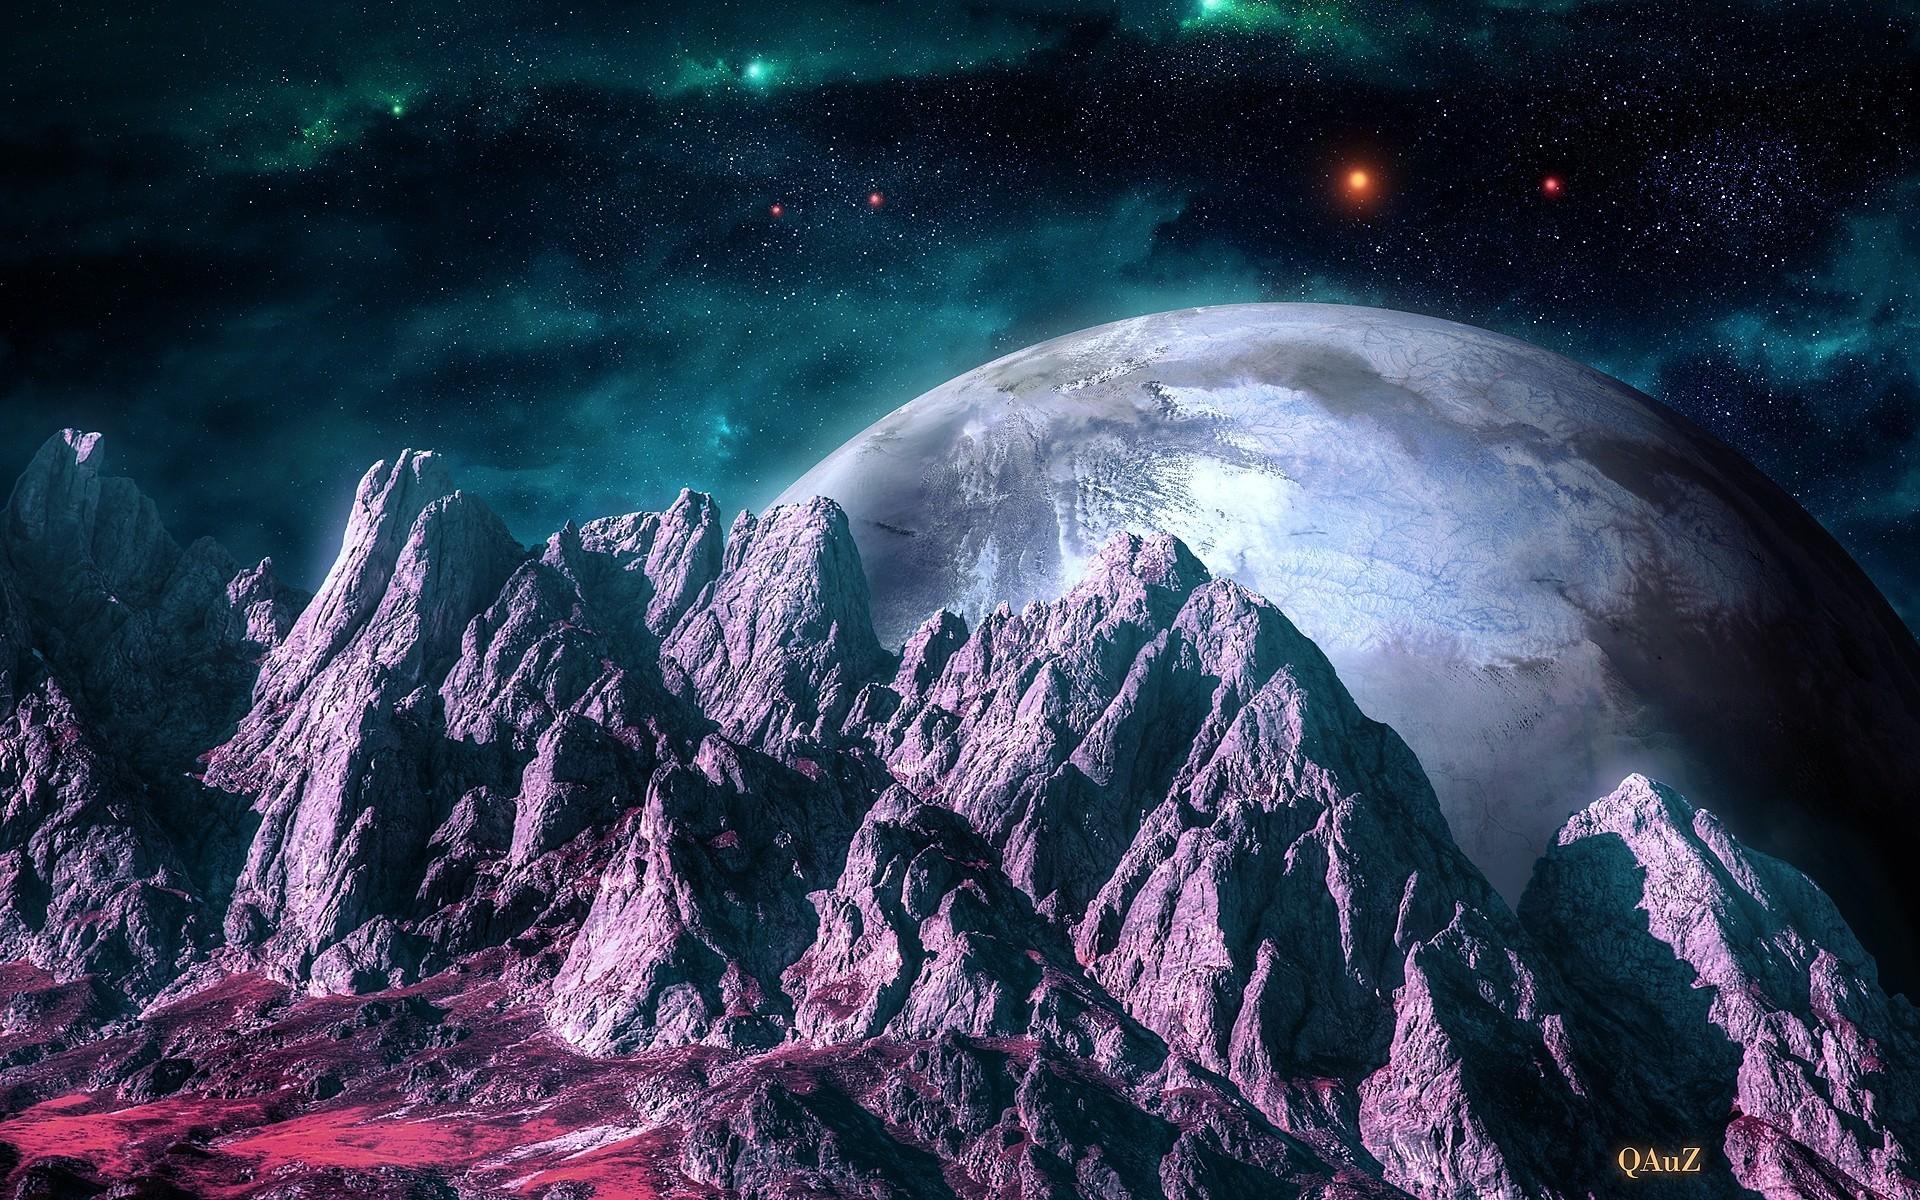 картинки пейзажи планеты считал возможным требовать